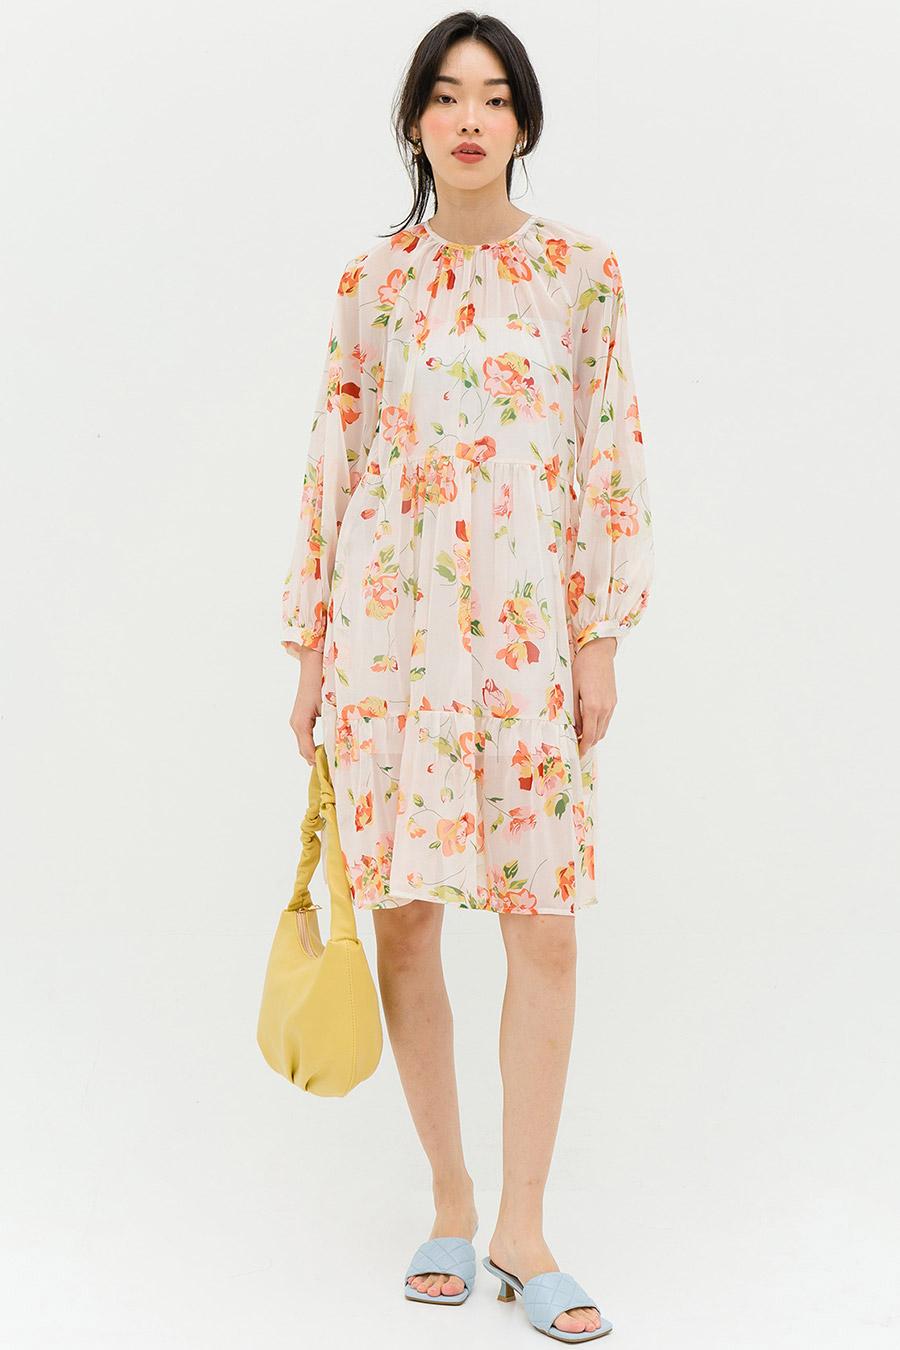 *SALE* BASCHET DRESS - CHANTILLY